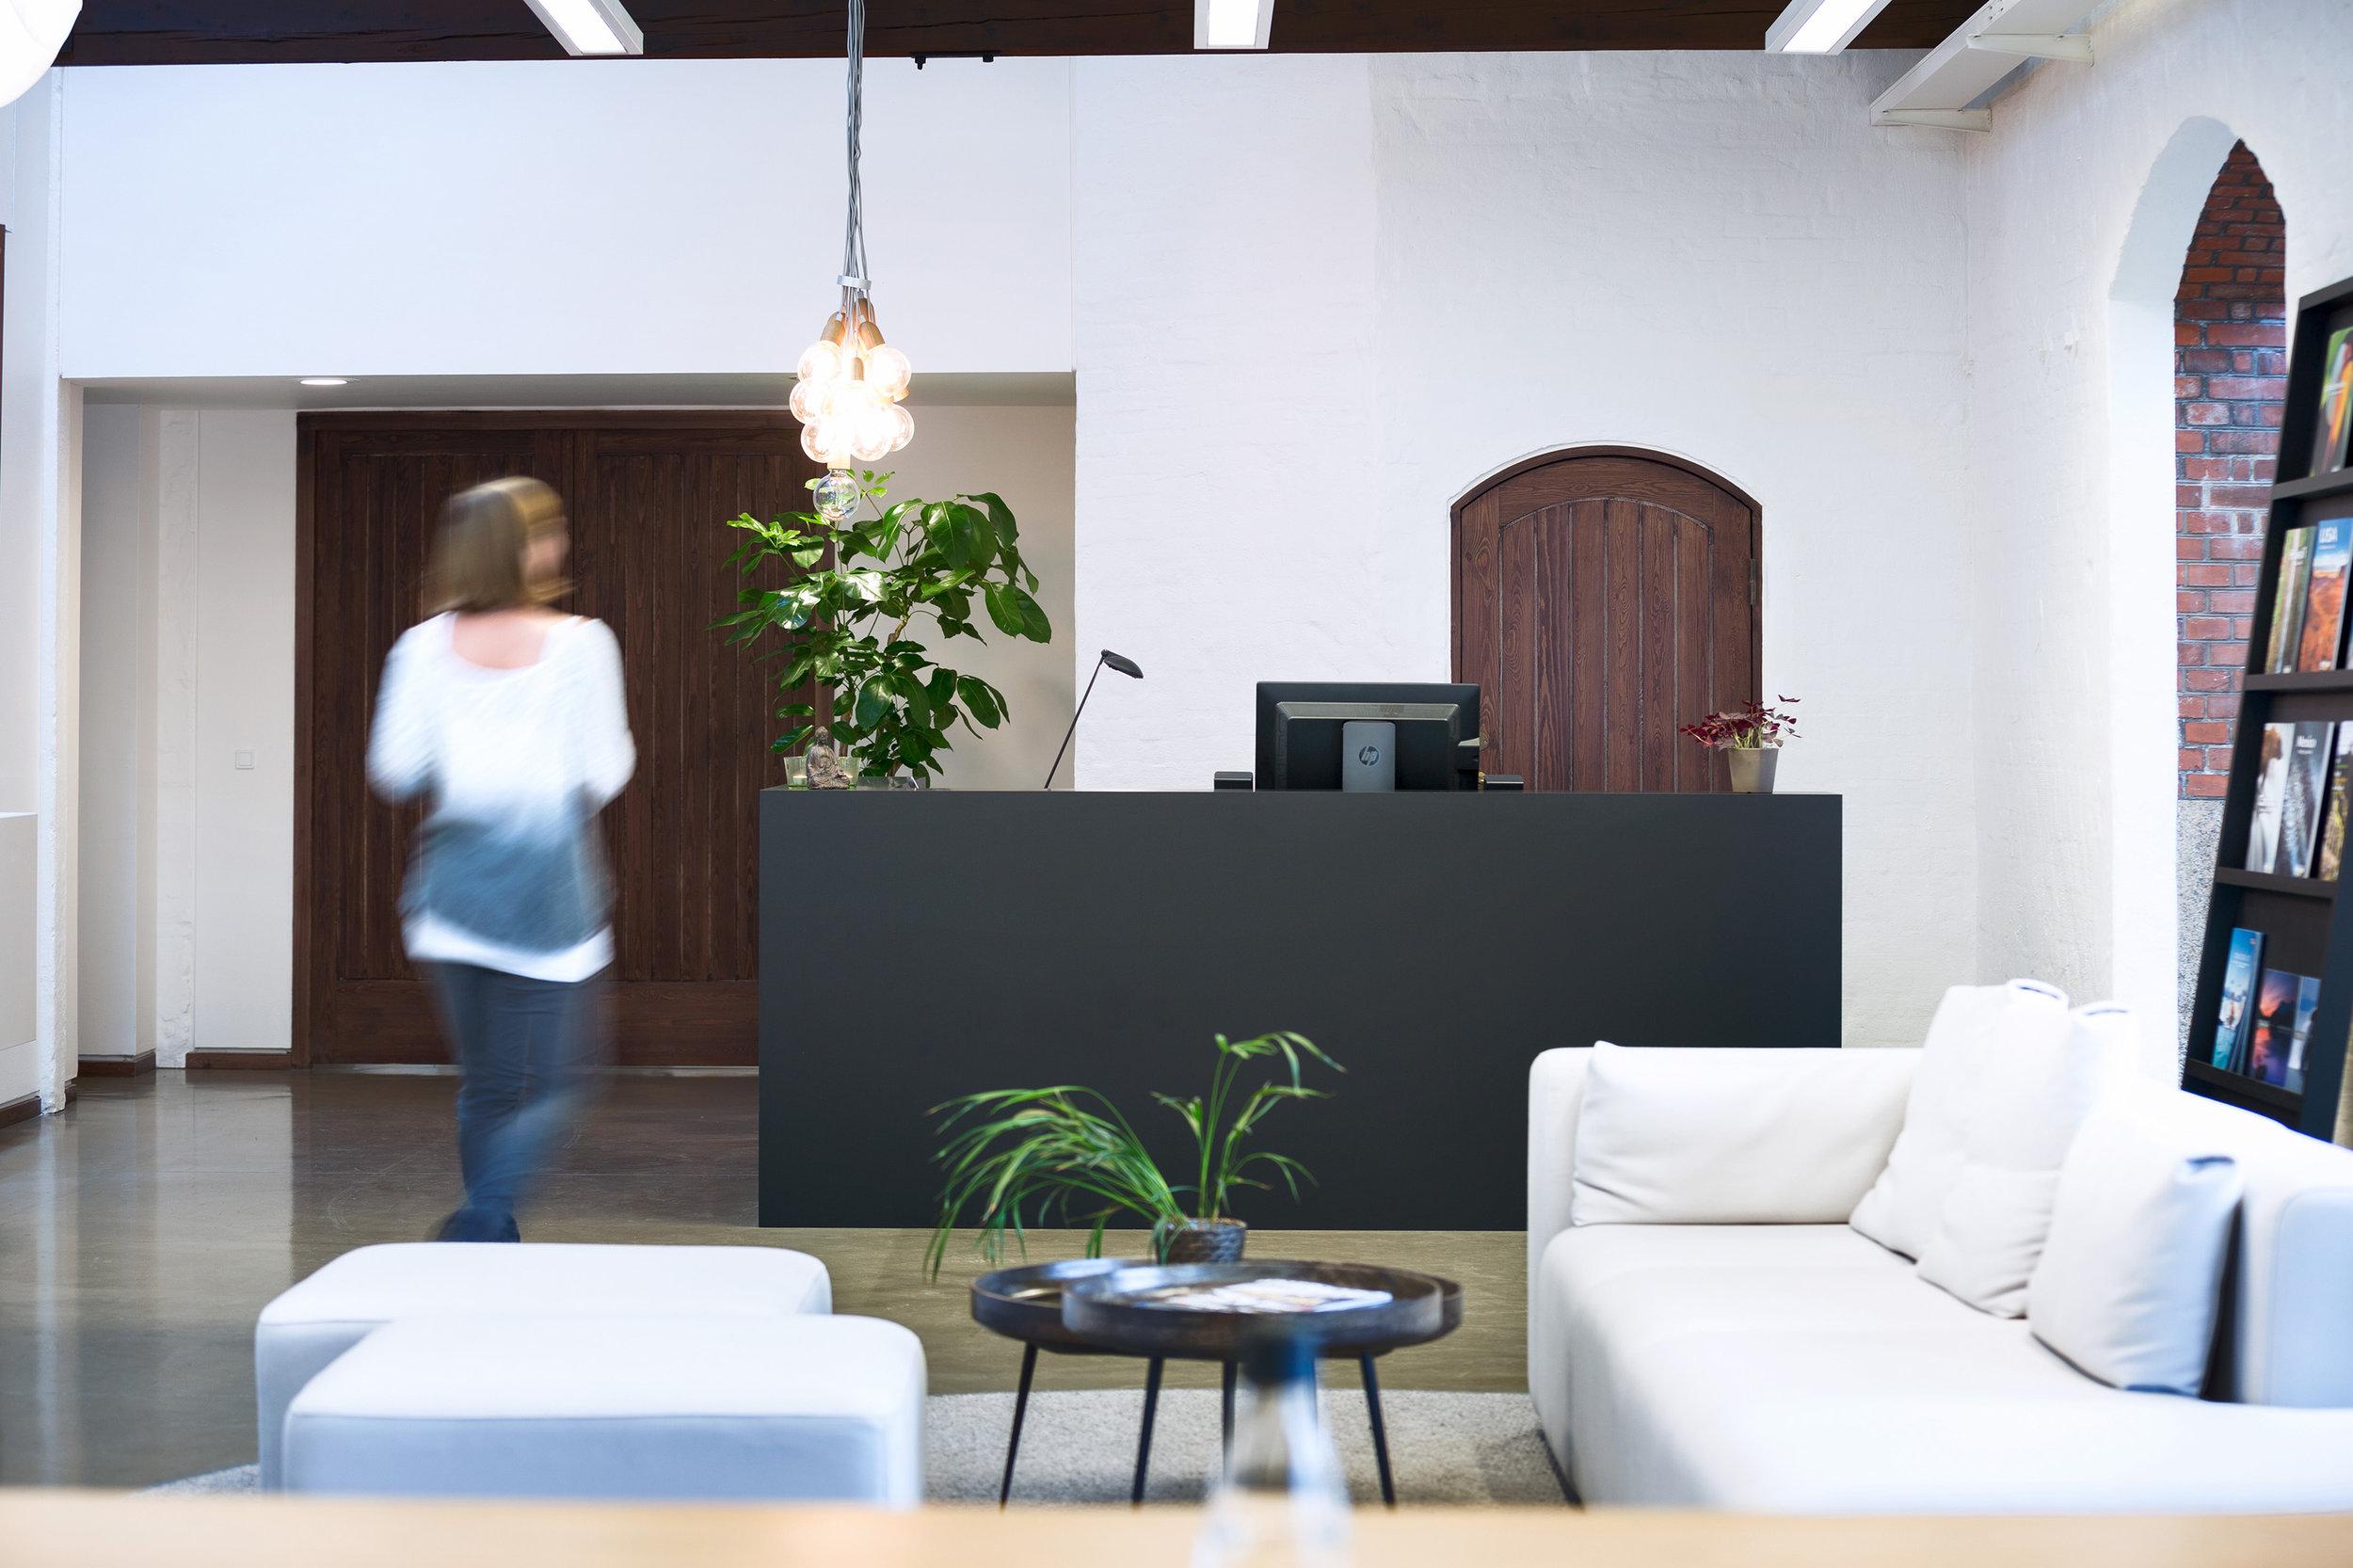 XL-NyhavnRejser-reception (2).jpg